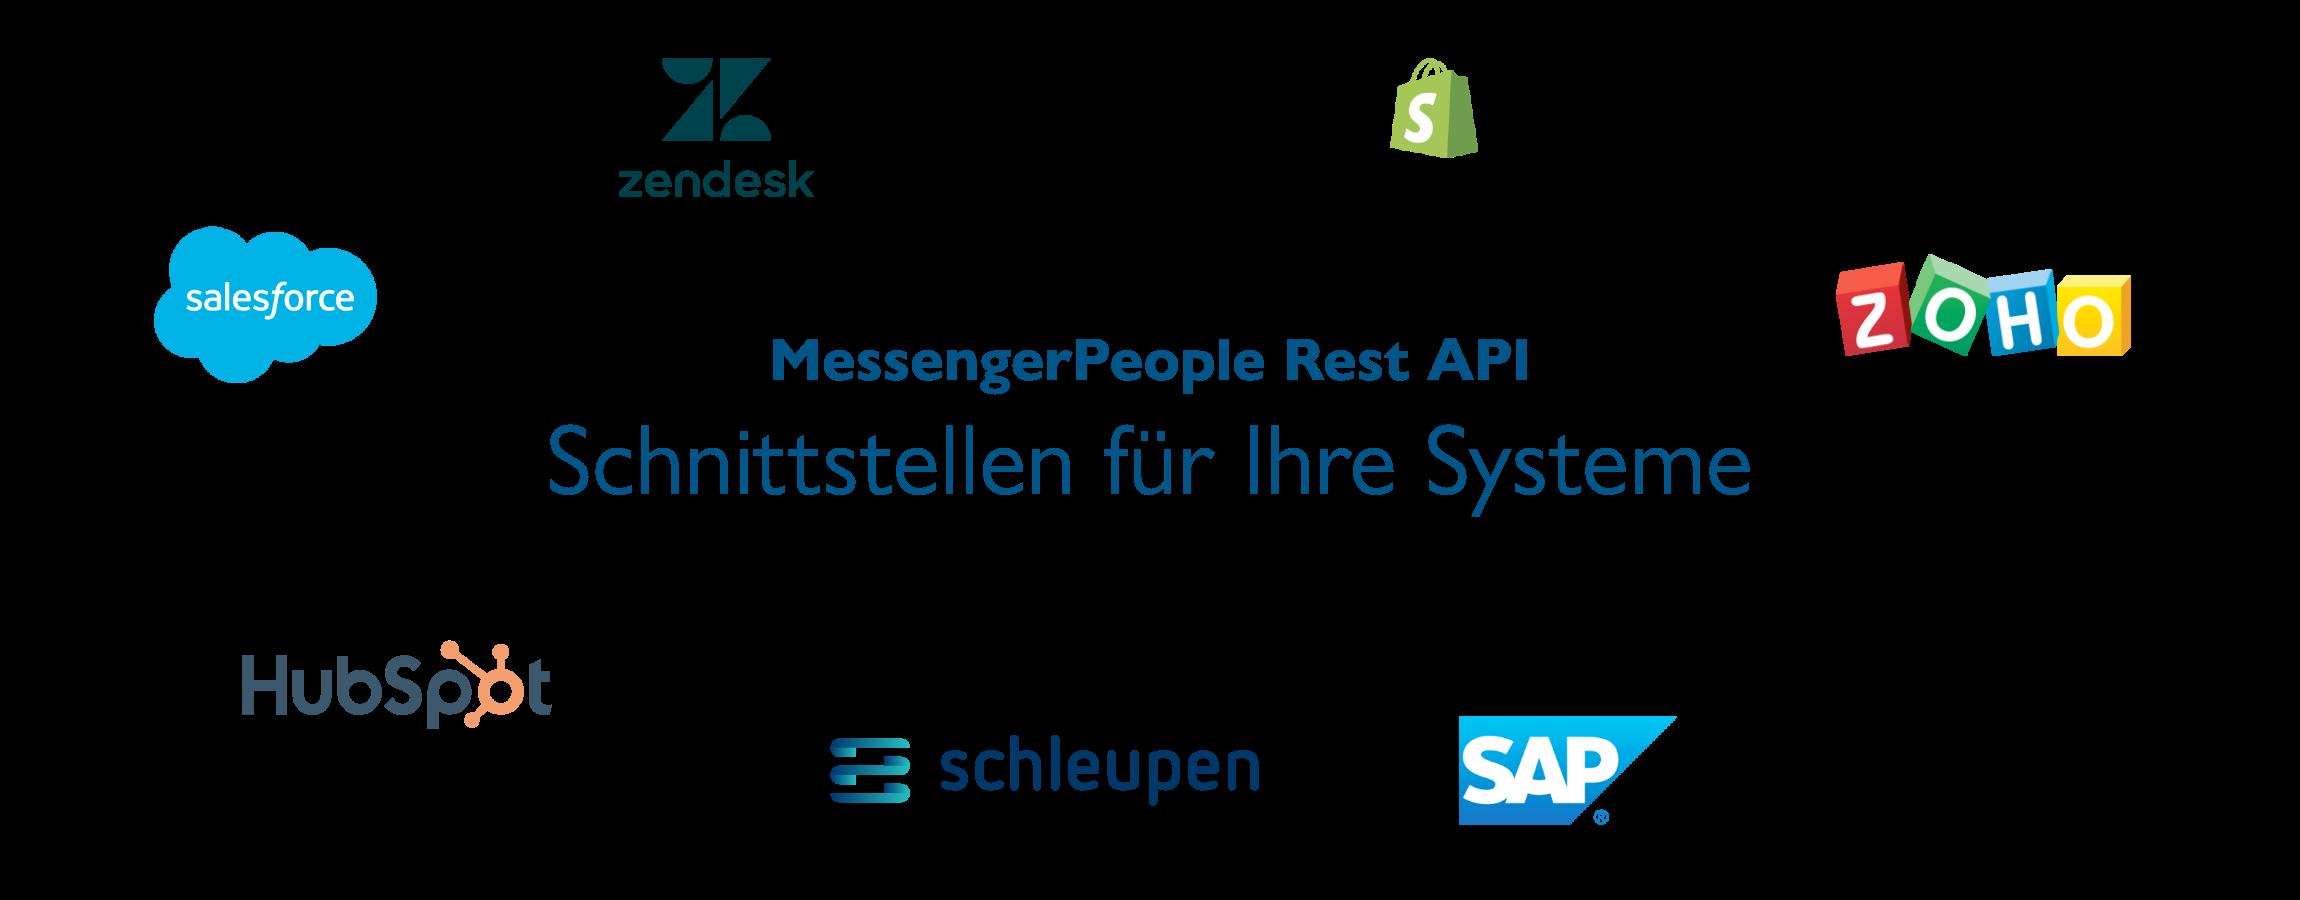 MessengerPeople Rest API, Schnittstelle für Ihre Systeme, Logo-Tafel